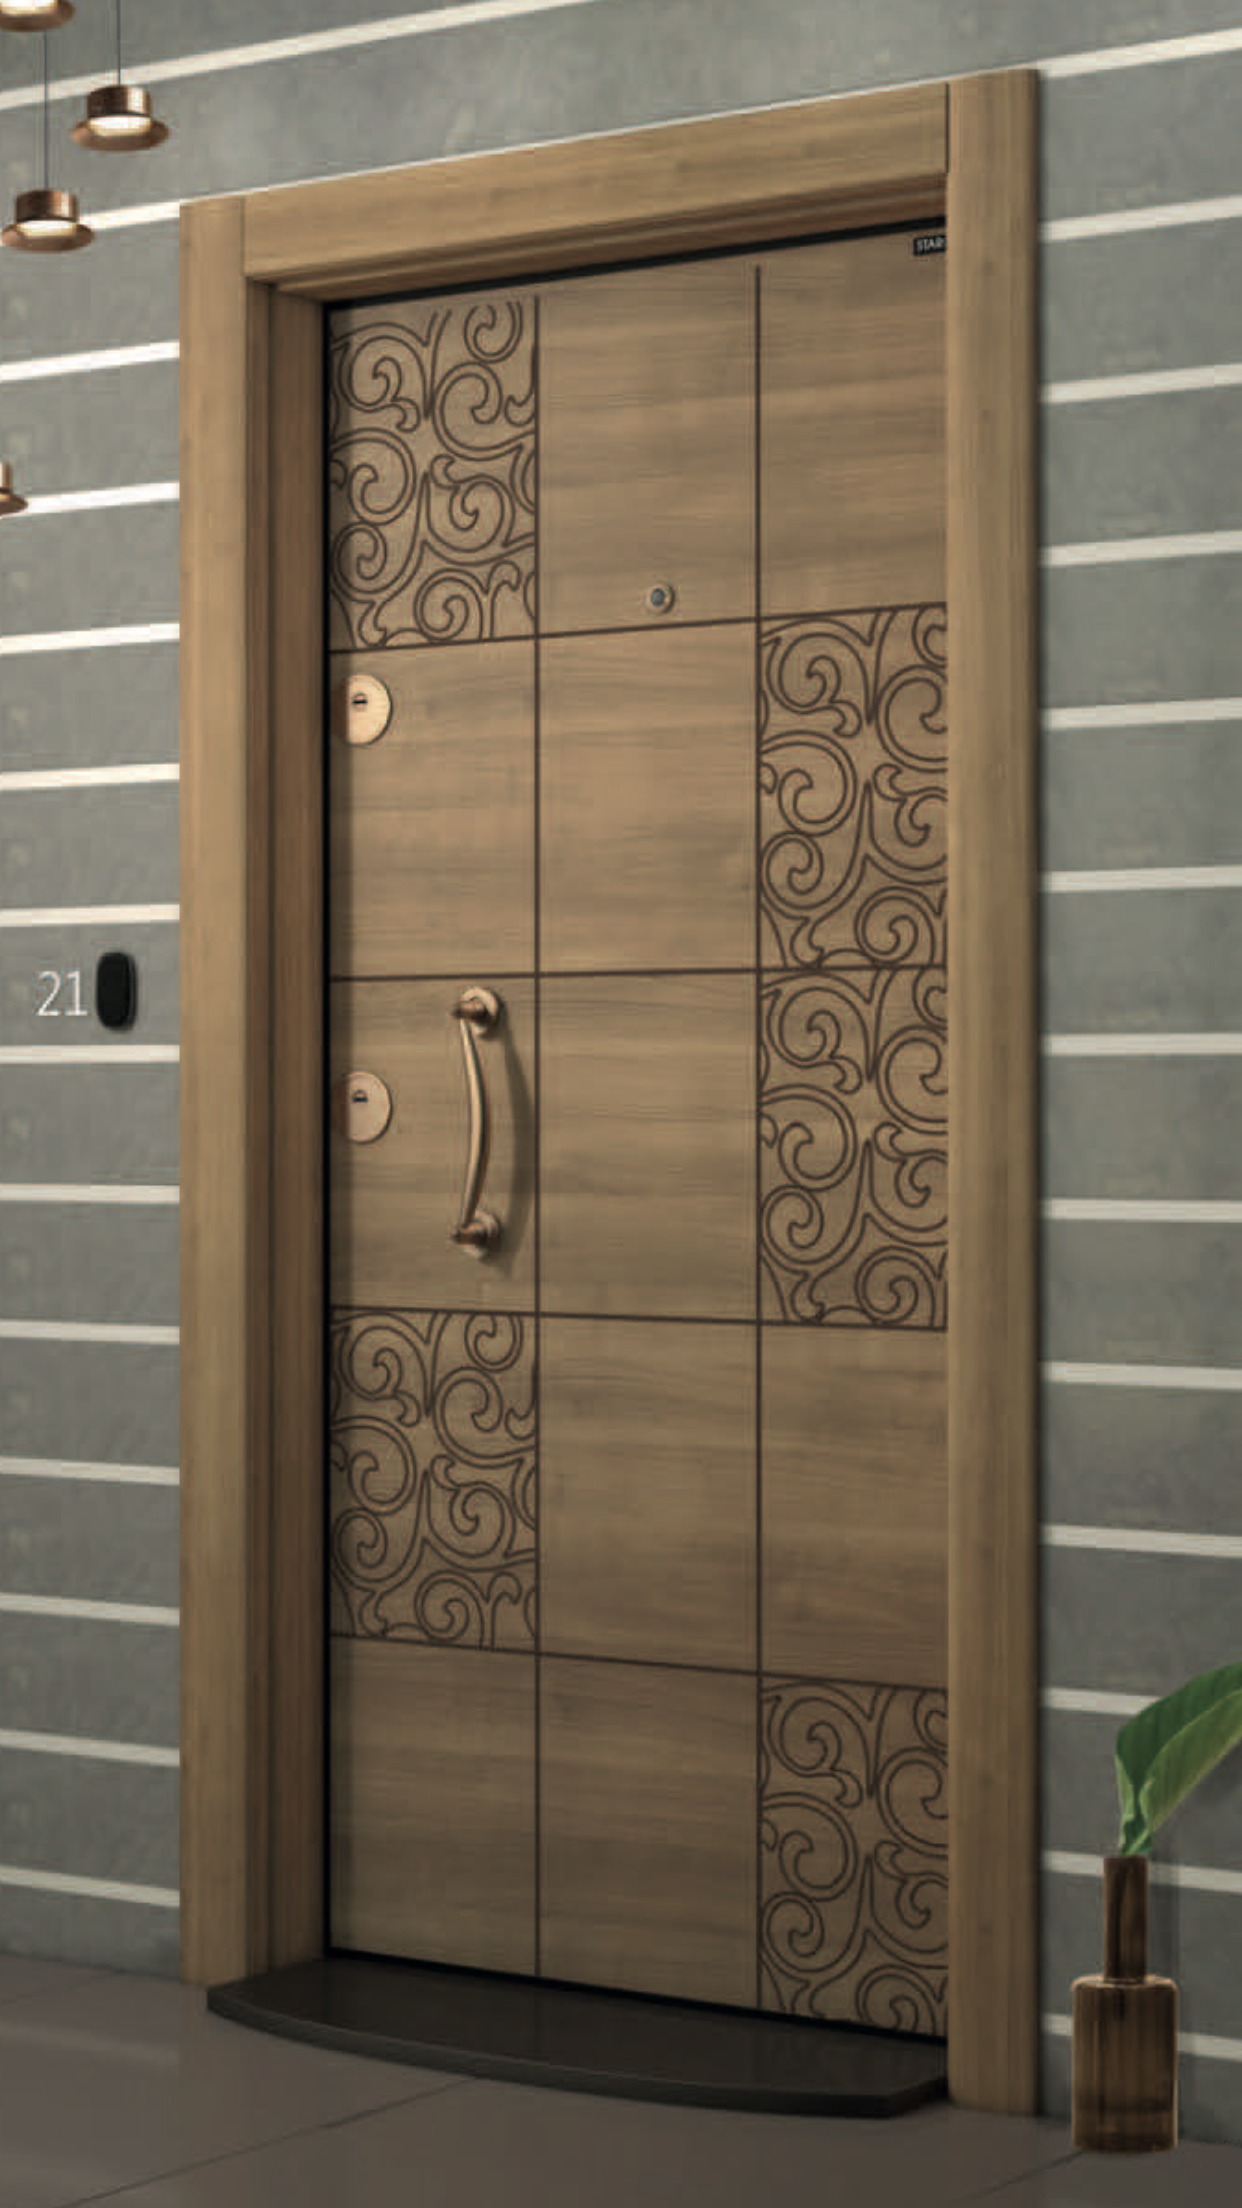 Room Door Design Door Design Wood Wood Doors: Top 4 Tips For Choosing A Best Door